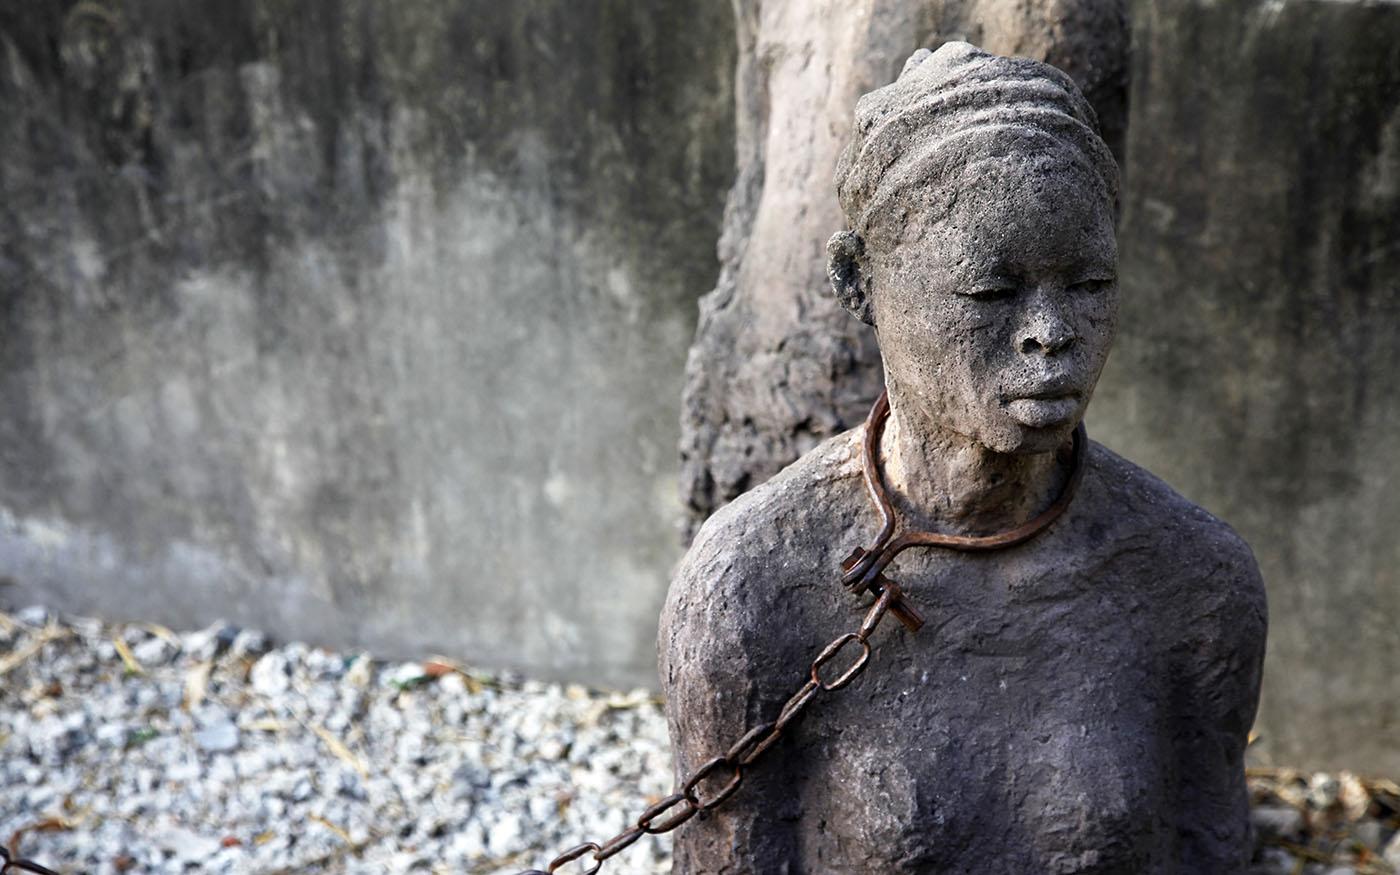 Les 20 ans de la loi Taubira pour la reconnaissance de l'esclavage comme crime contre l'humanité